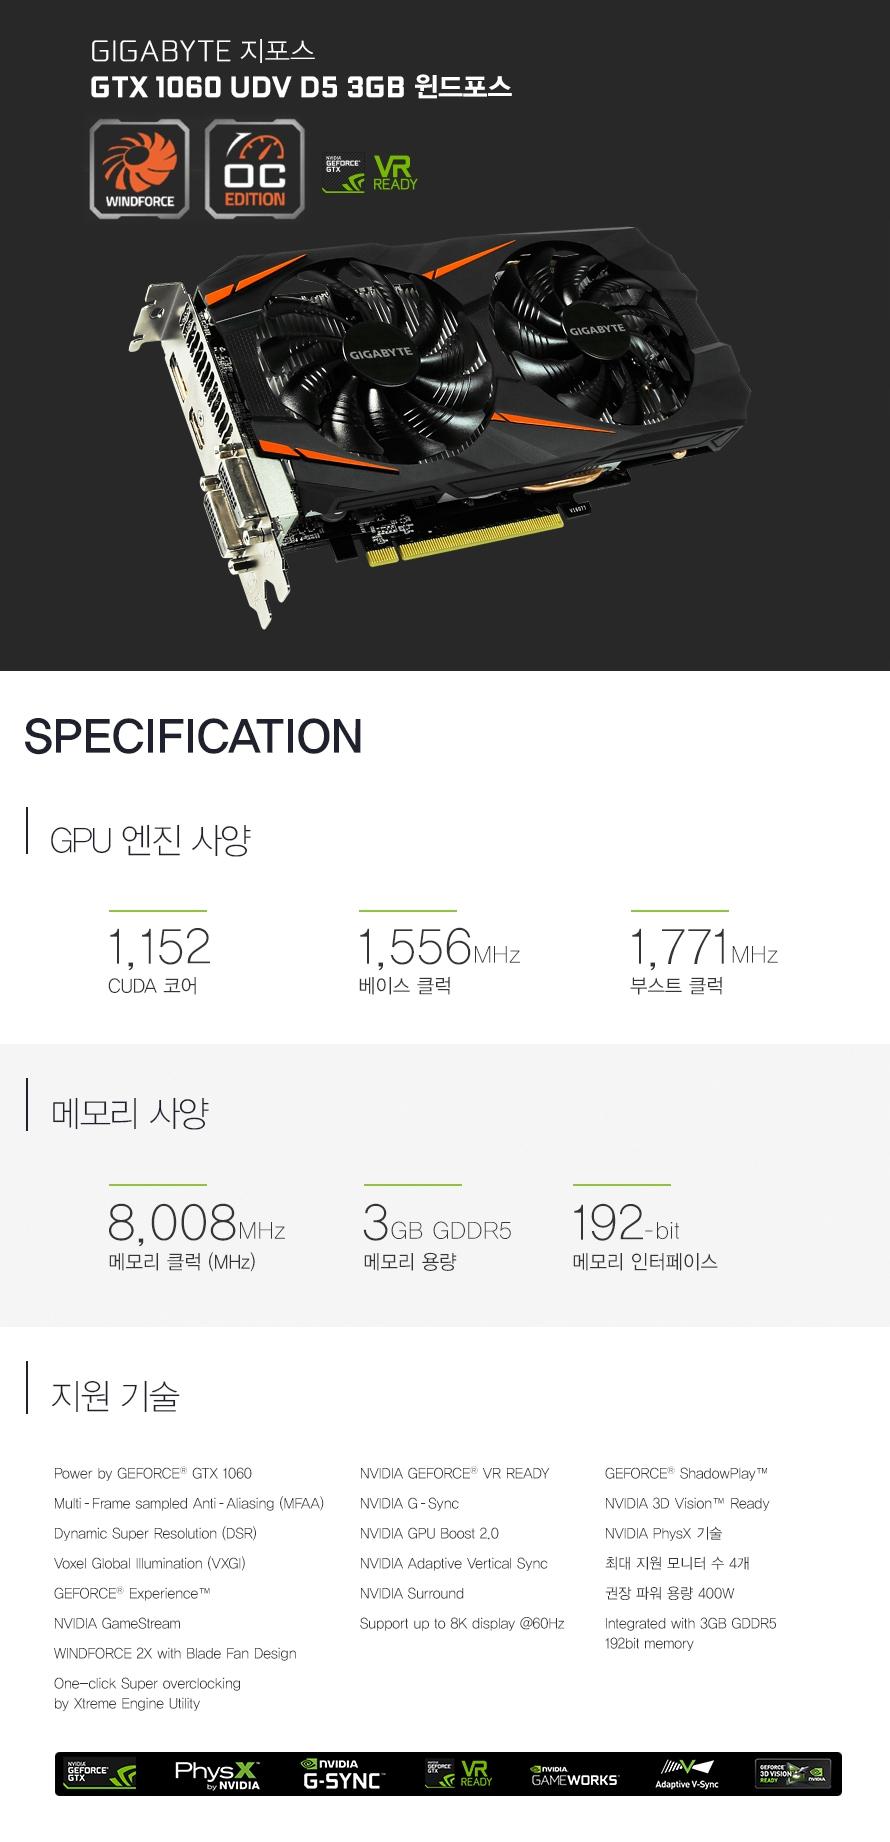 GTX 1060 UDV D5 3GB Windforce, 기가바이트, GIGABYTE, 제이씨현시스템